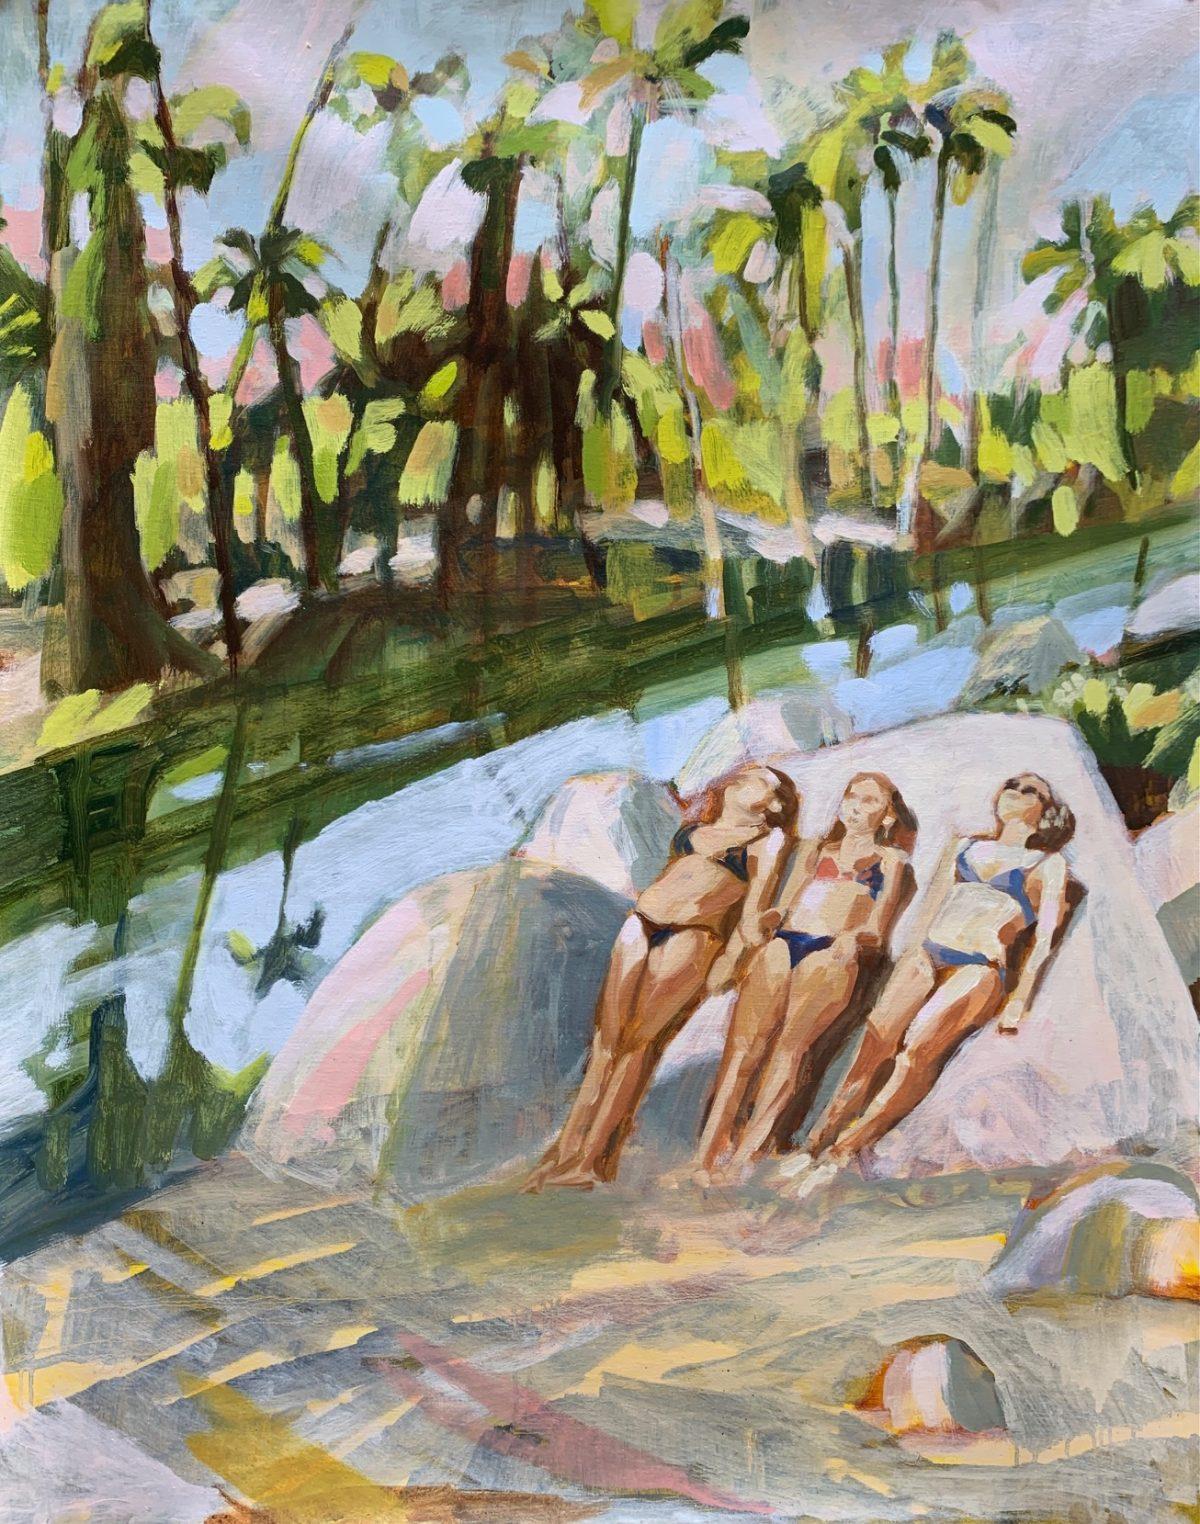 Art Atrium, Contemporary art, Australian art, Art gallery, Art exhibition, Art & Design, Australian Artist, Landscape